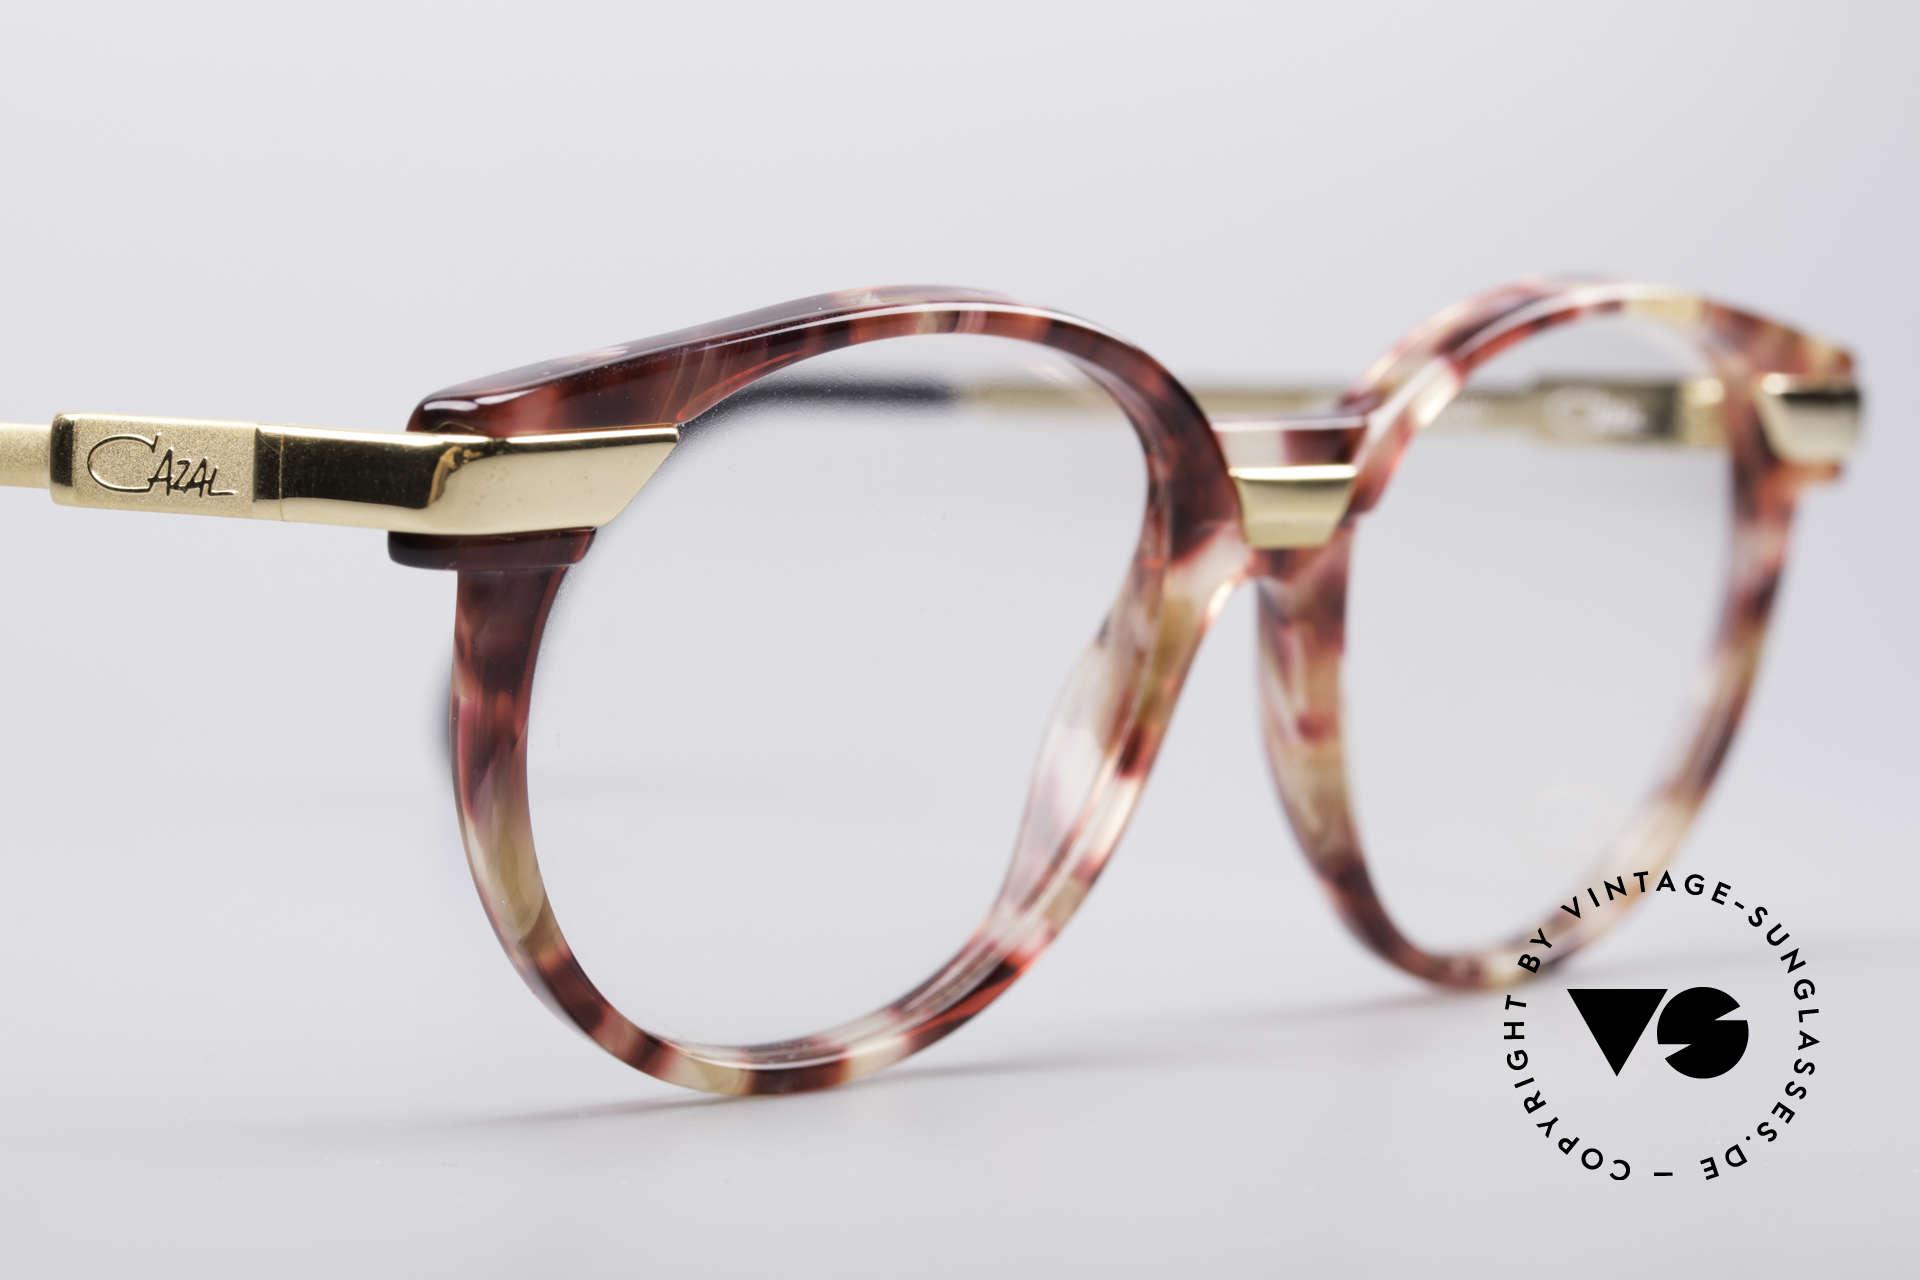 Cazal 338 Kleine Runde Vintage Brille, KEINE Retrobrille; sondern ein 25 Jahre altes Unikat, Passend für Herren und Damen